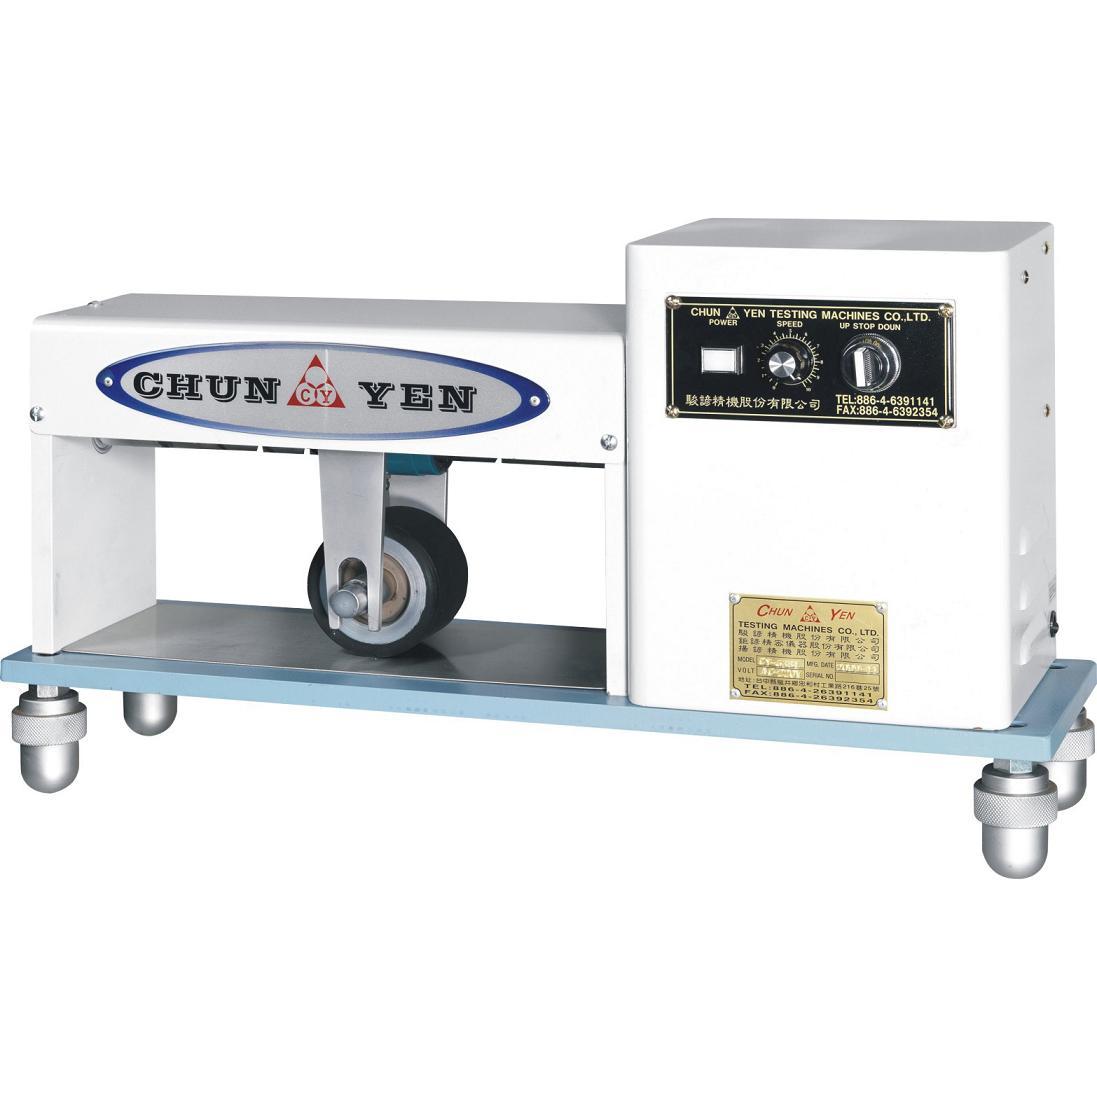 ... (股)公司 橡膠試驗機-輾壓滾輪機(橡膠試驗機-CY-6381